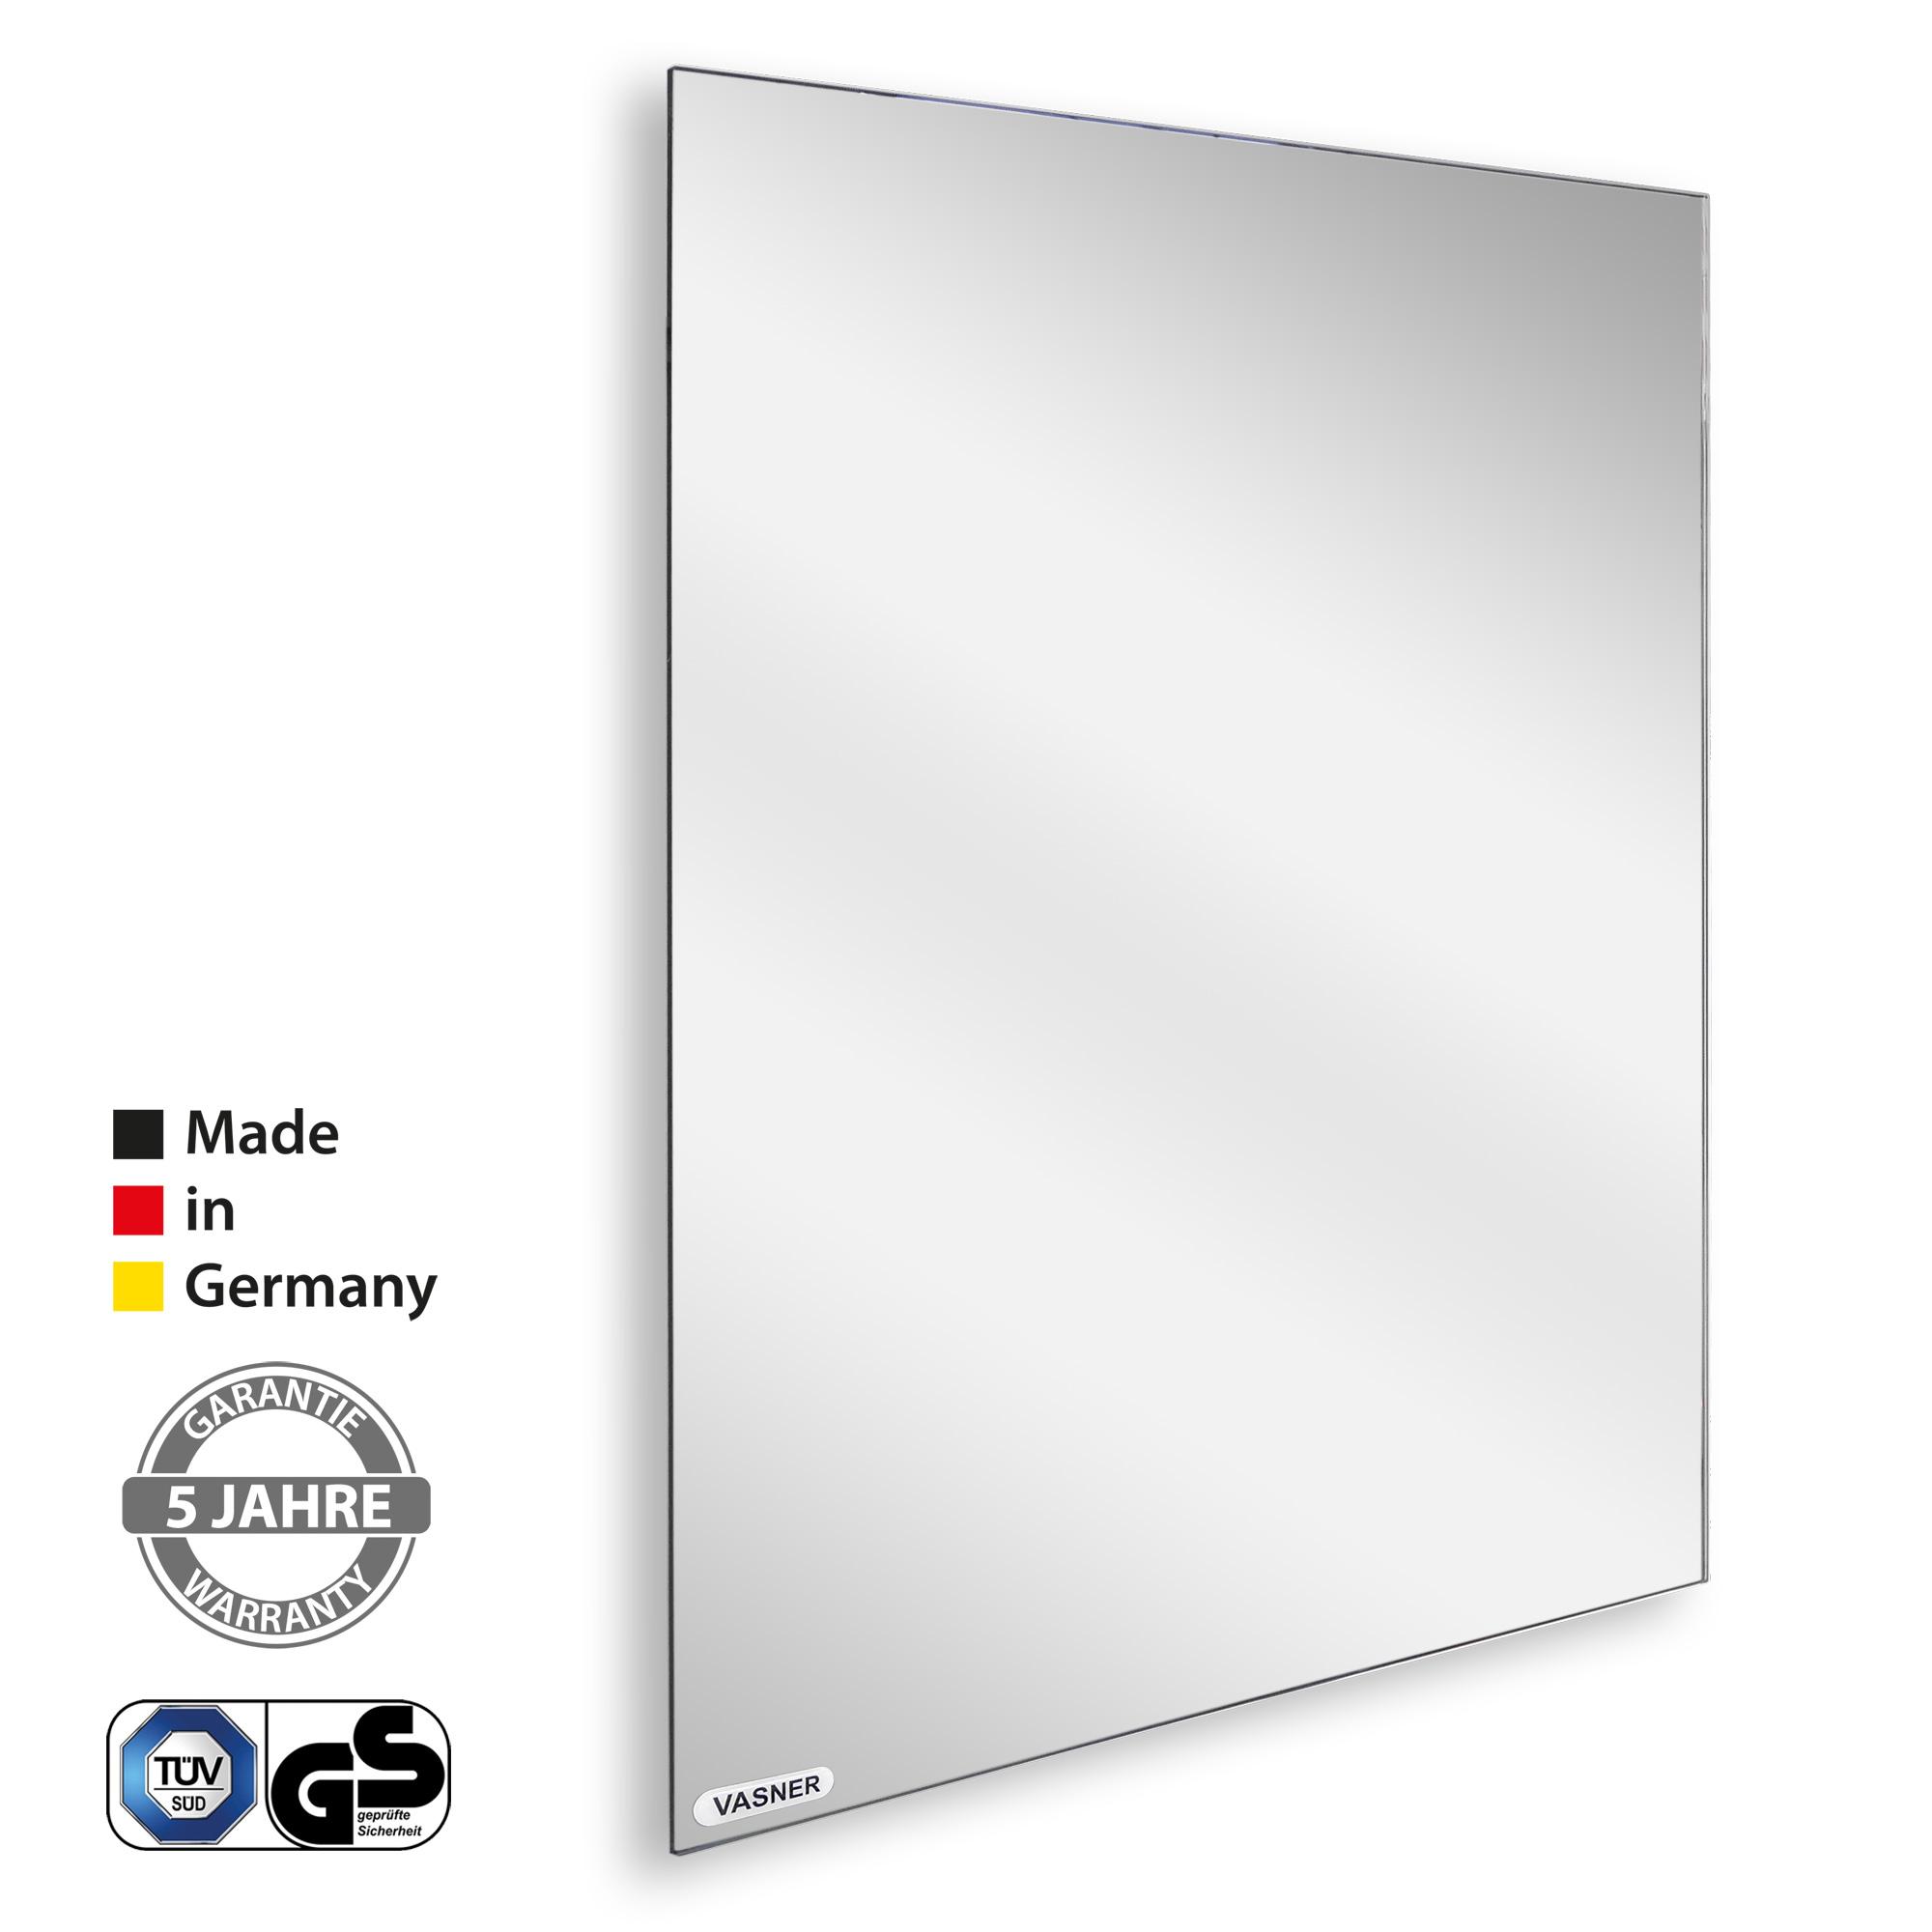 Dank Spiegel Elektroheizkörper mit 500 Watt sparsam und elegant heizen (Kosten Berechnung)